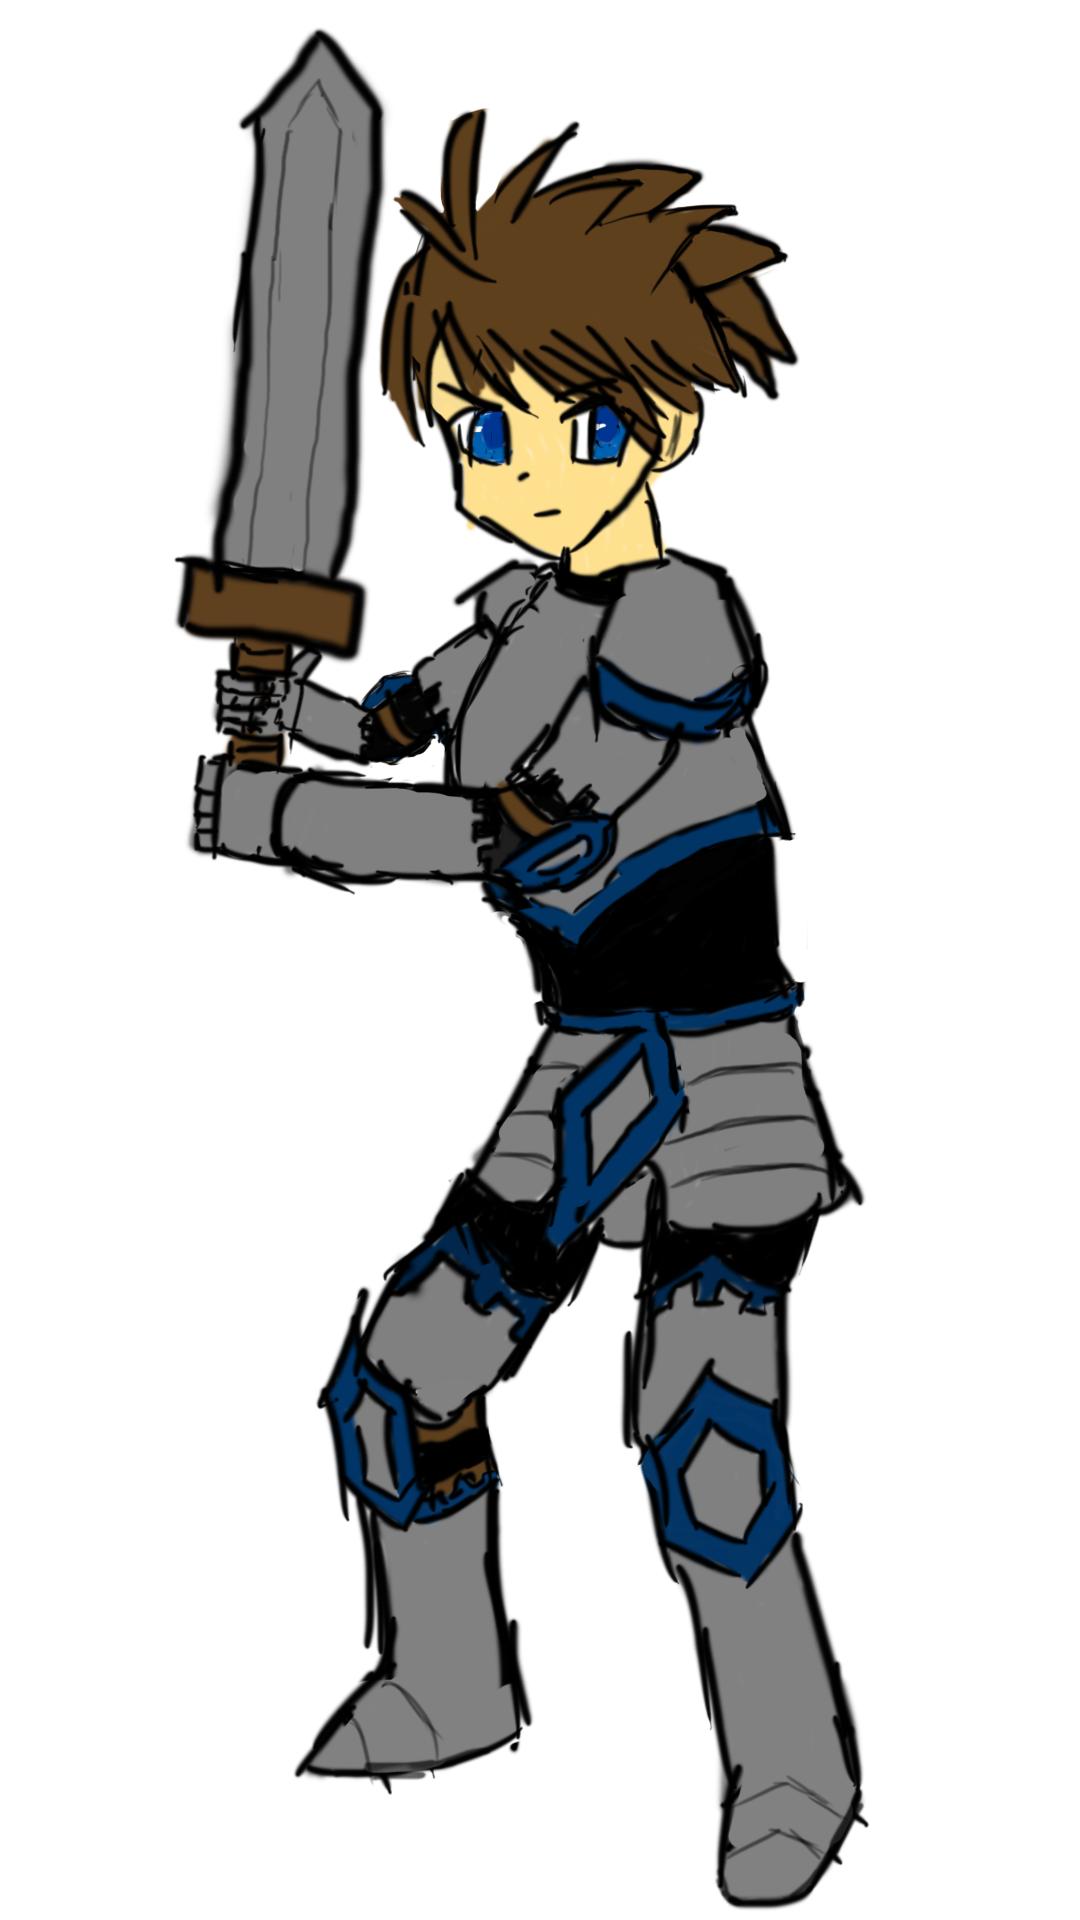 #繪圖創作:2017.10.23-雙手持劍的正太騎士塗鴉